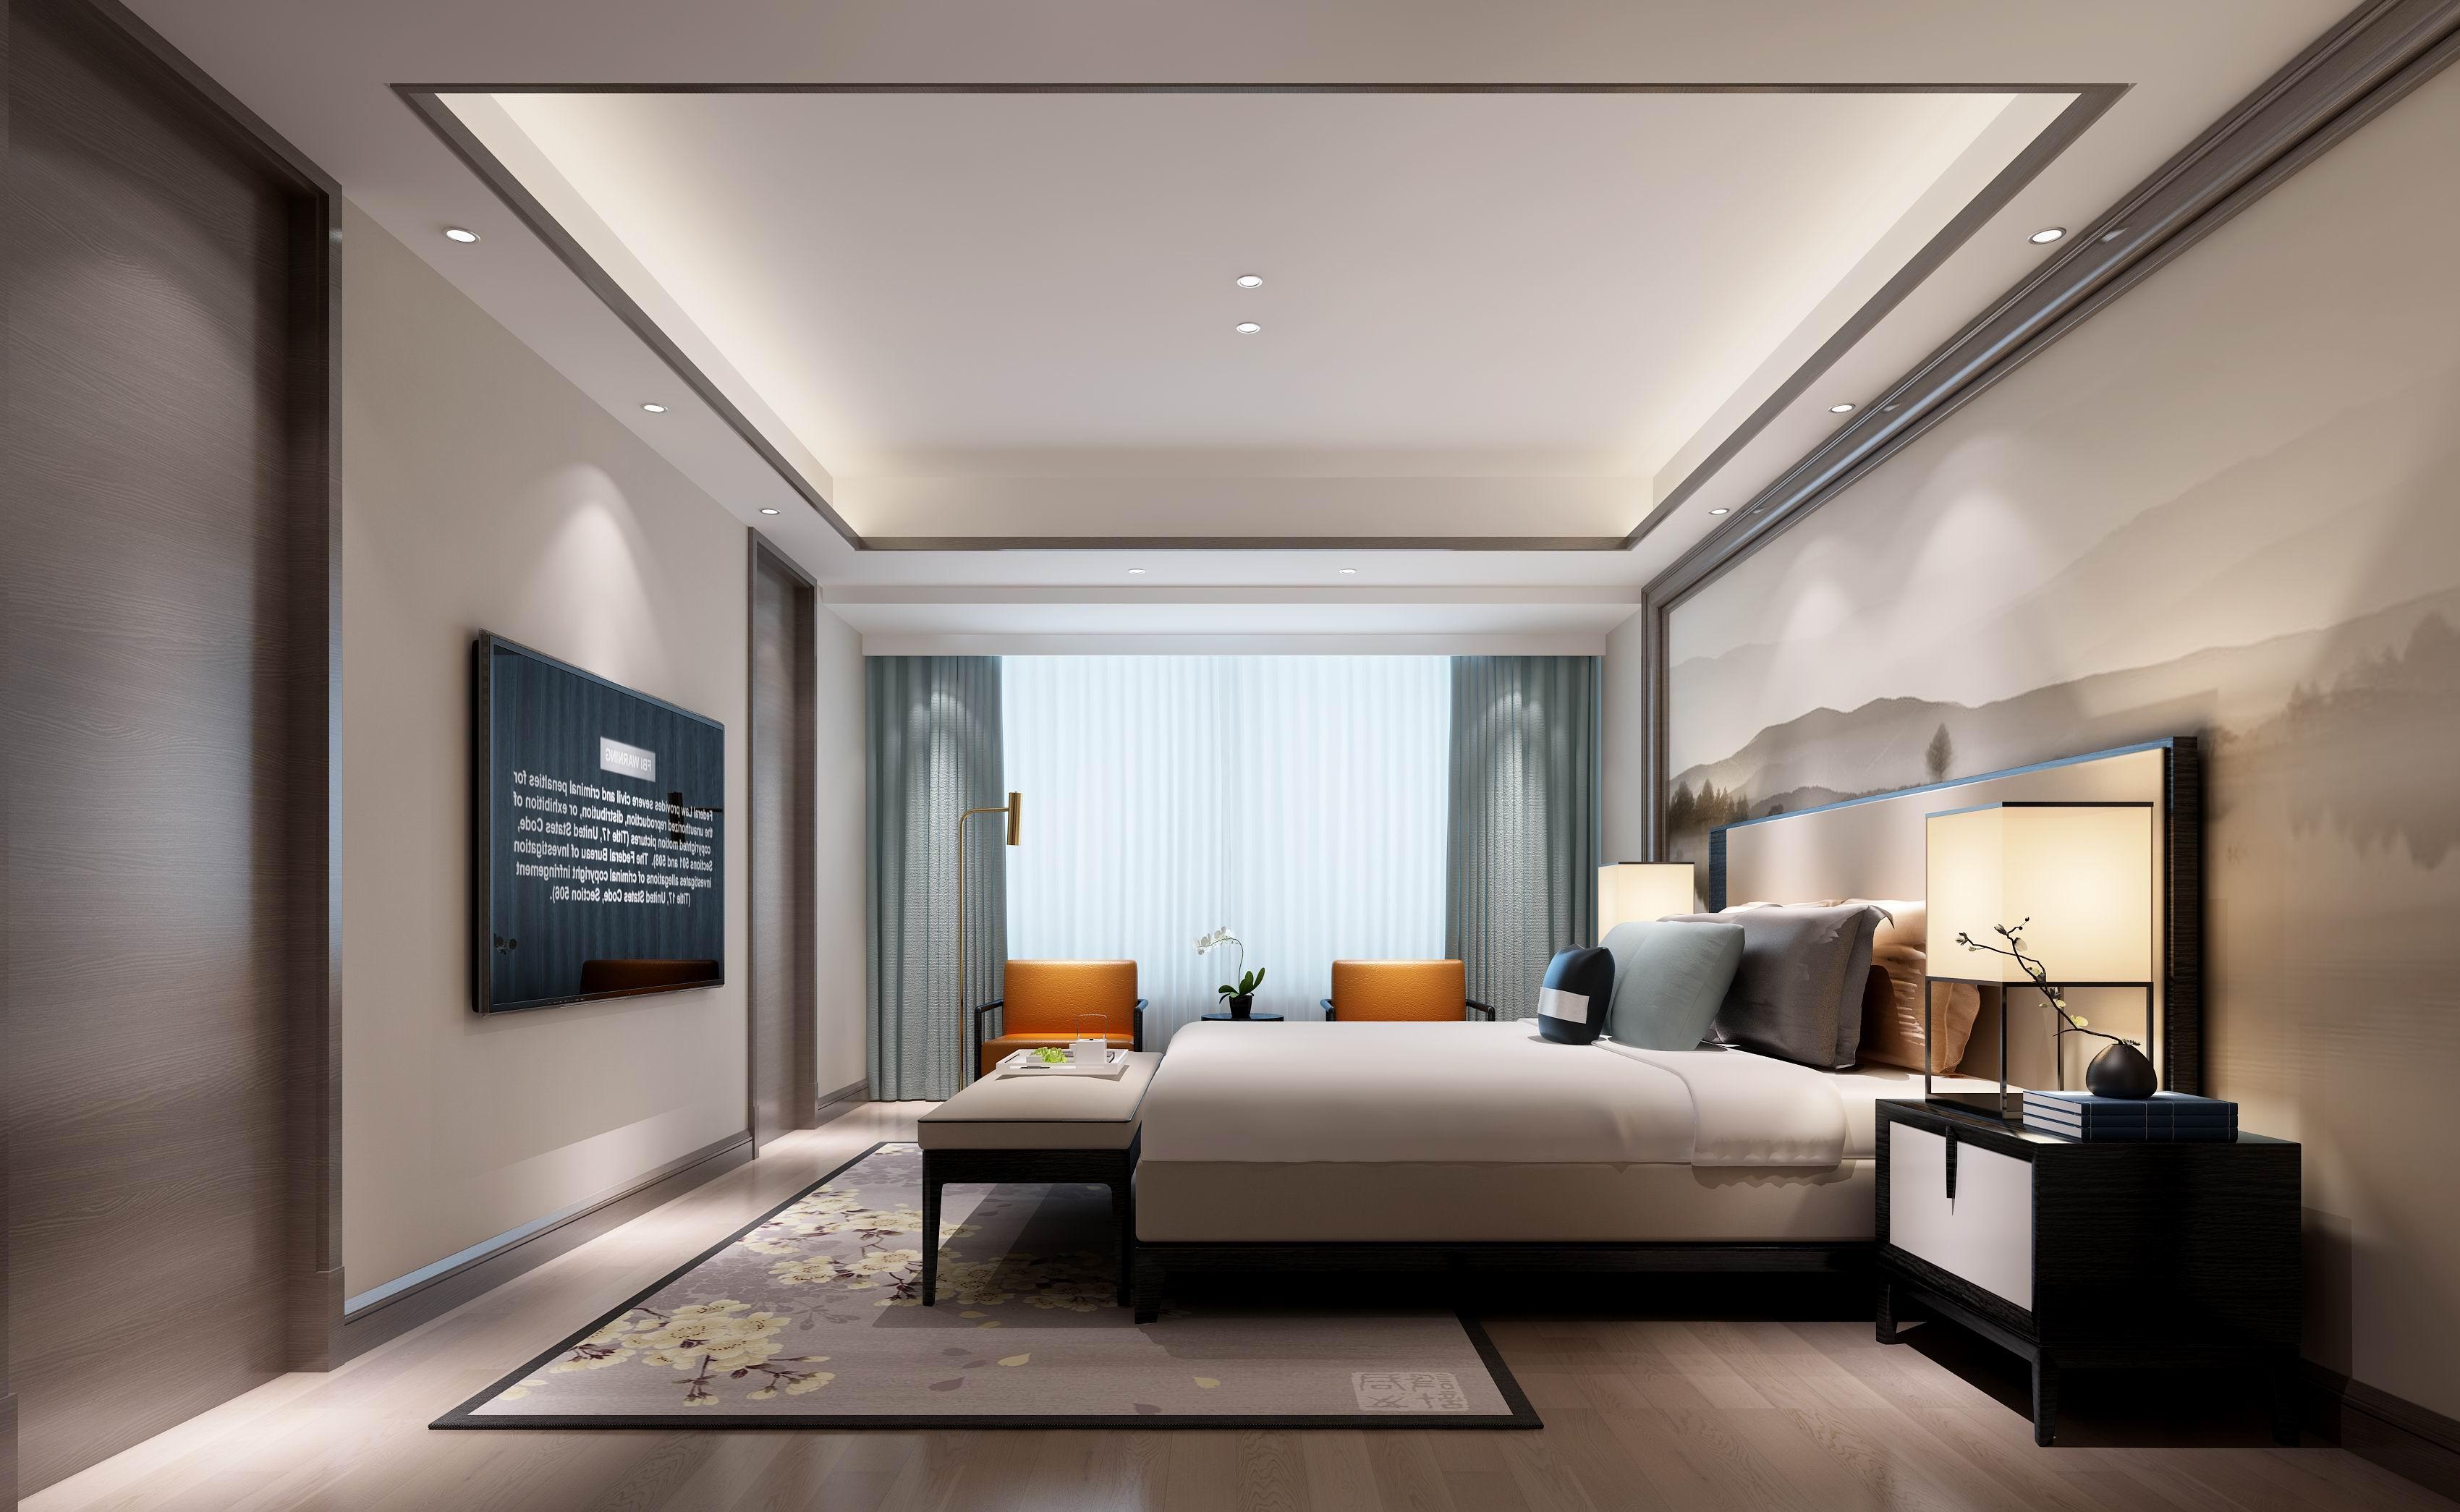 别墅 设计 装修 案例 现代中式 卧室图片来自无锡别墅设计s在中建城中墅310㎡现代中式风格的分享